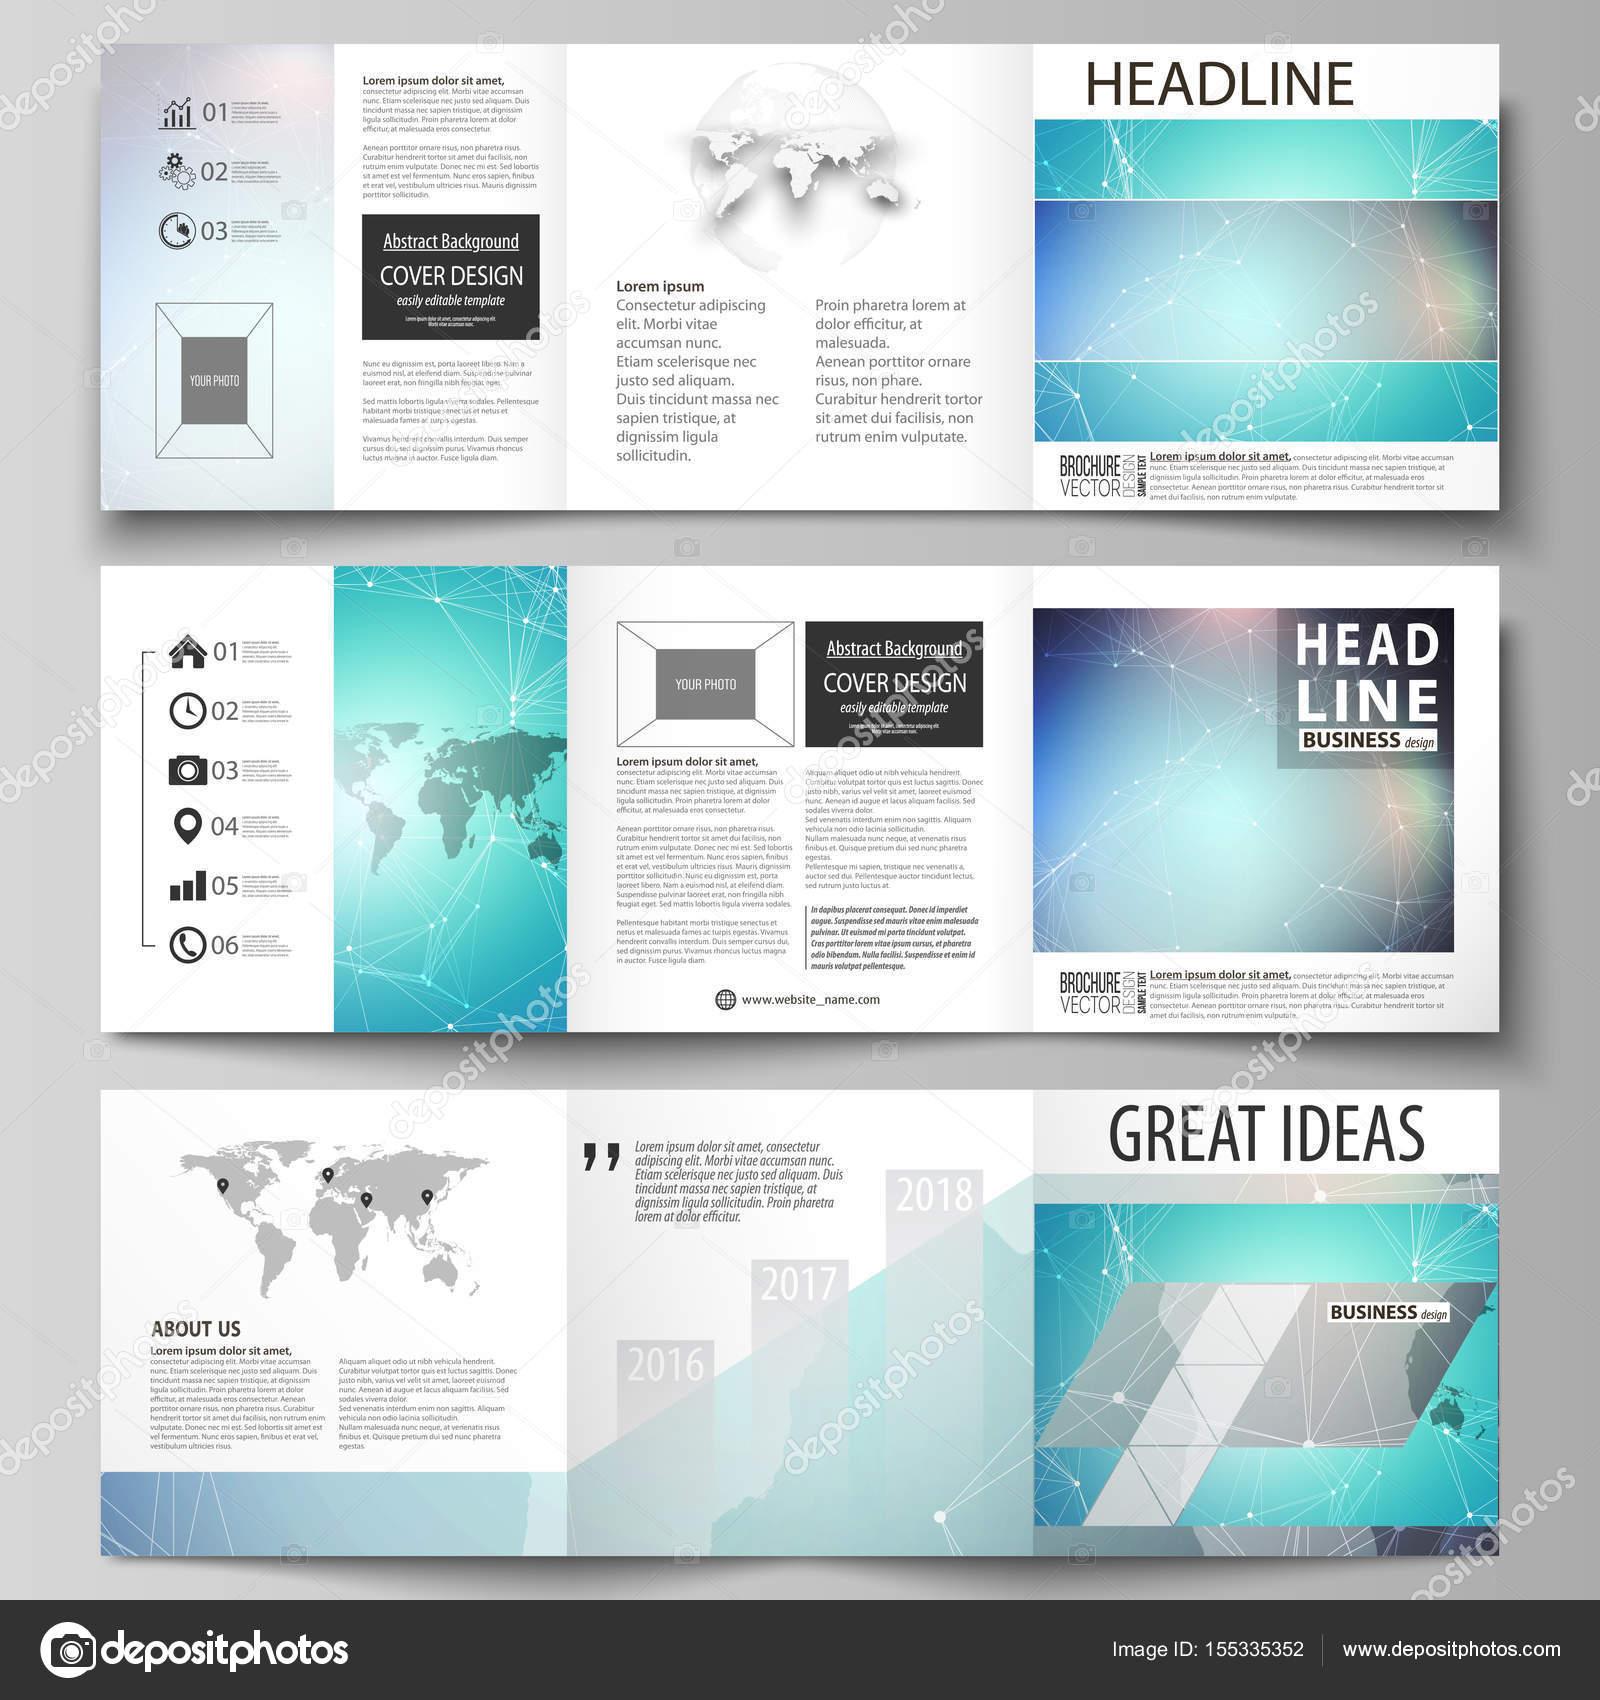 Die minimalistische Vektor-Illustration des editierbare Layouts ...